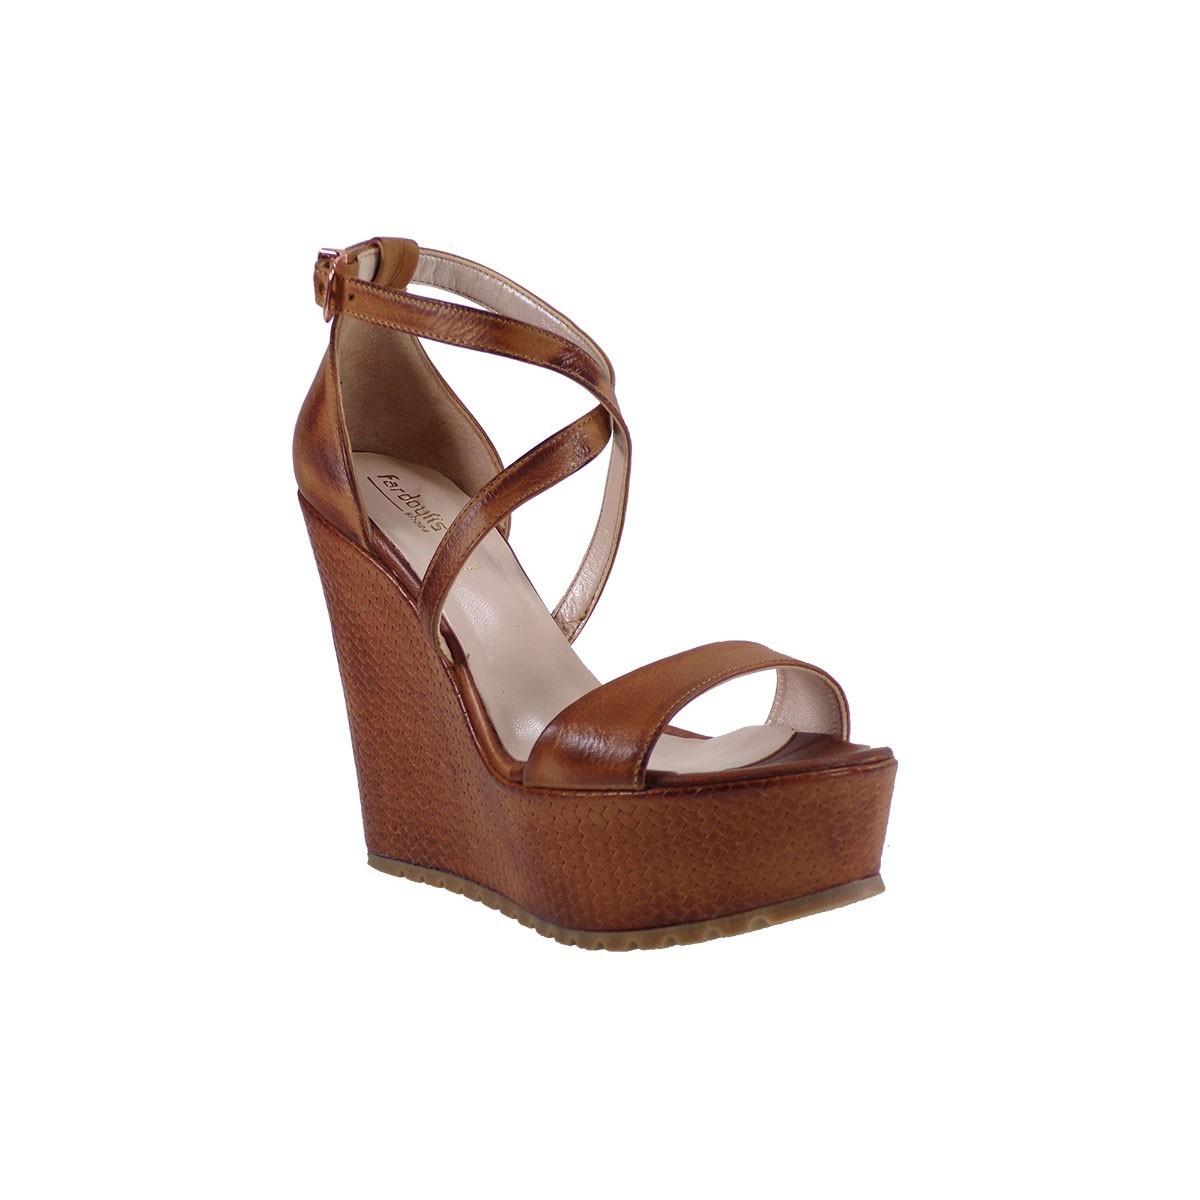 6399e8dfed4 Fardoulis shoes Γυναικείες Πλατφόρμες Πέδιλα 27171 Ταμπά Δέρμα